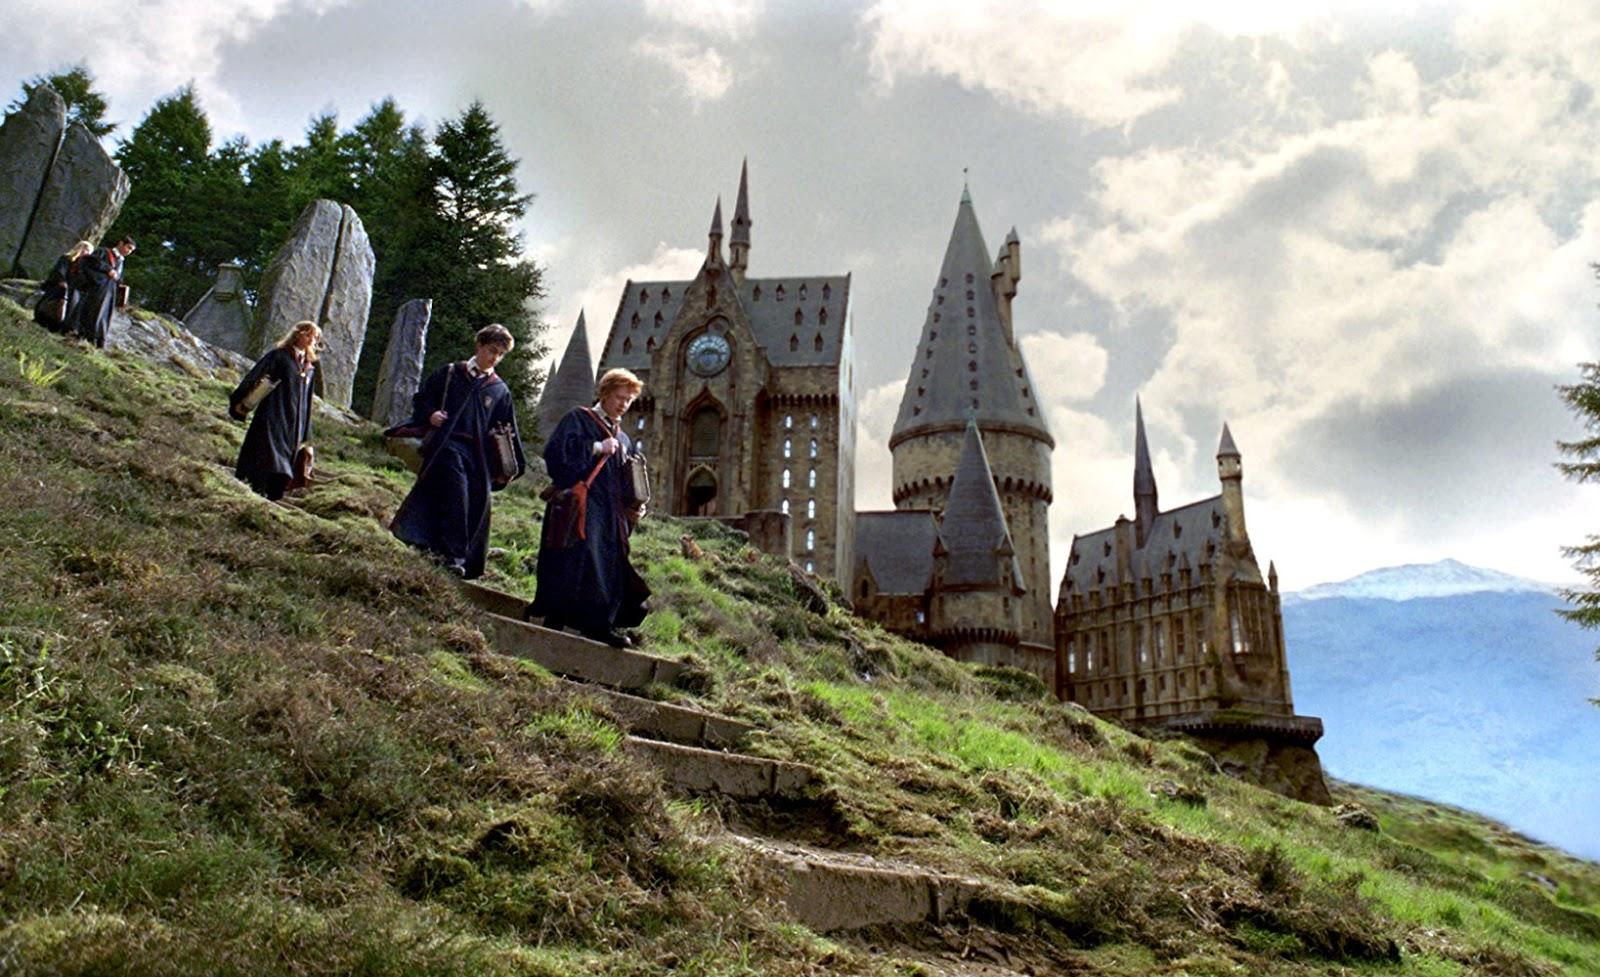 Les trois protagonistes du film avec le château de Poudlard en fond